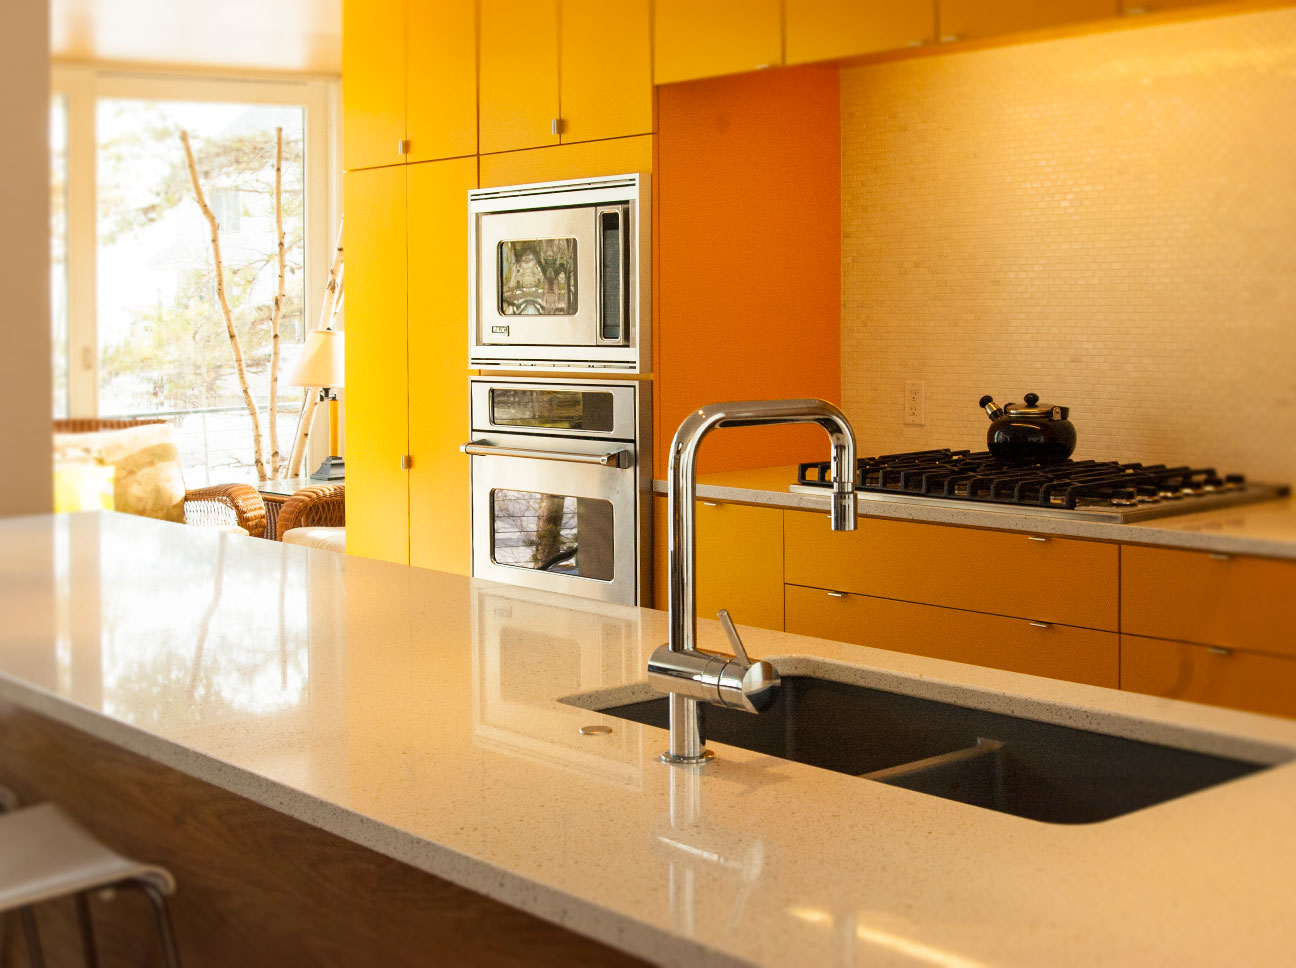 Douston-Kitchens-Modern